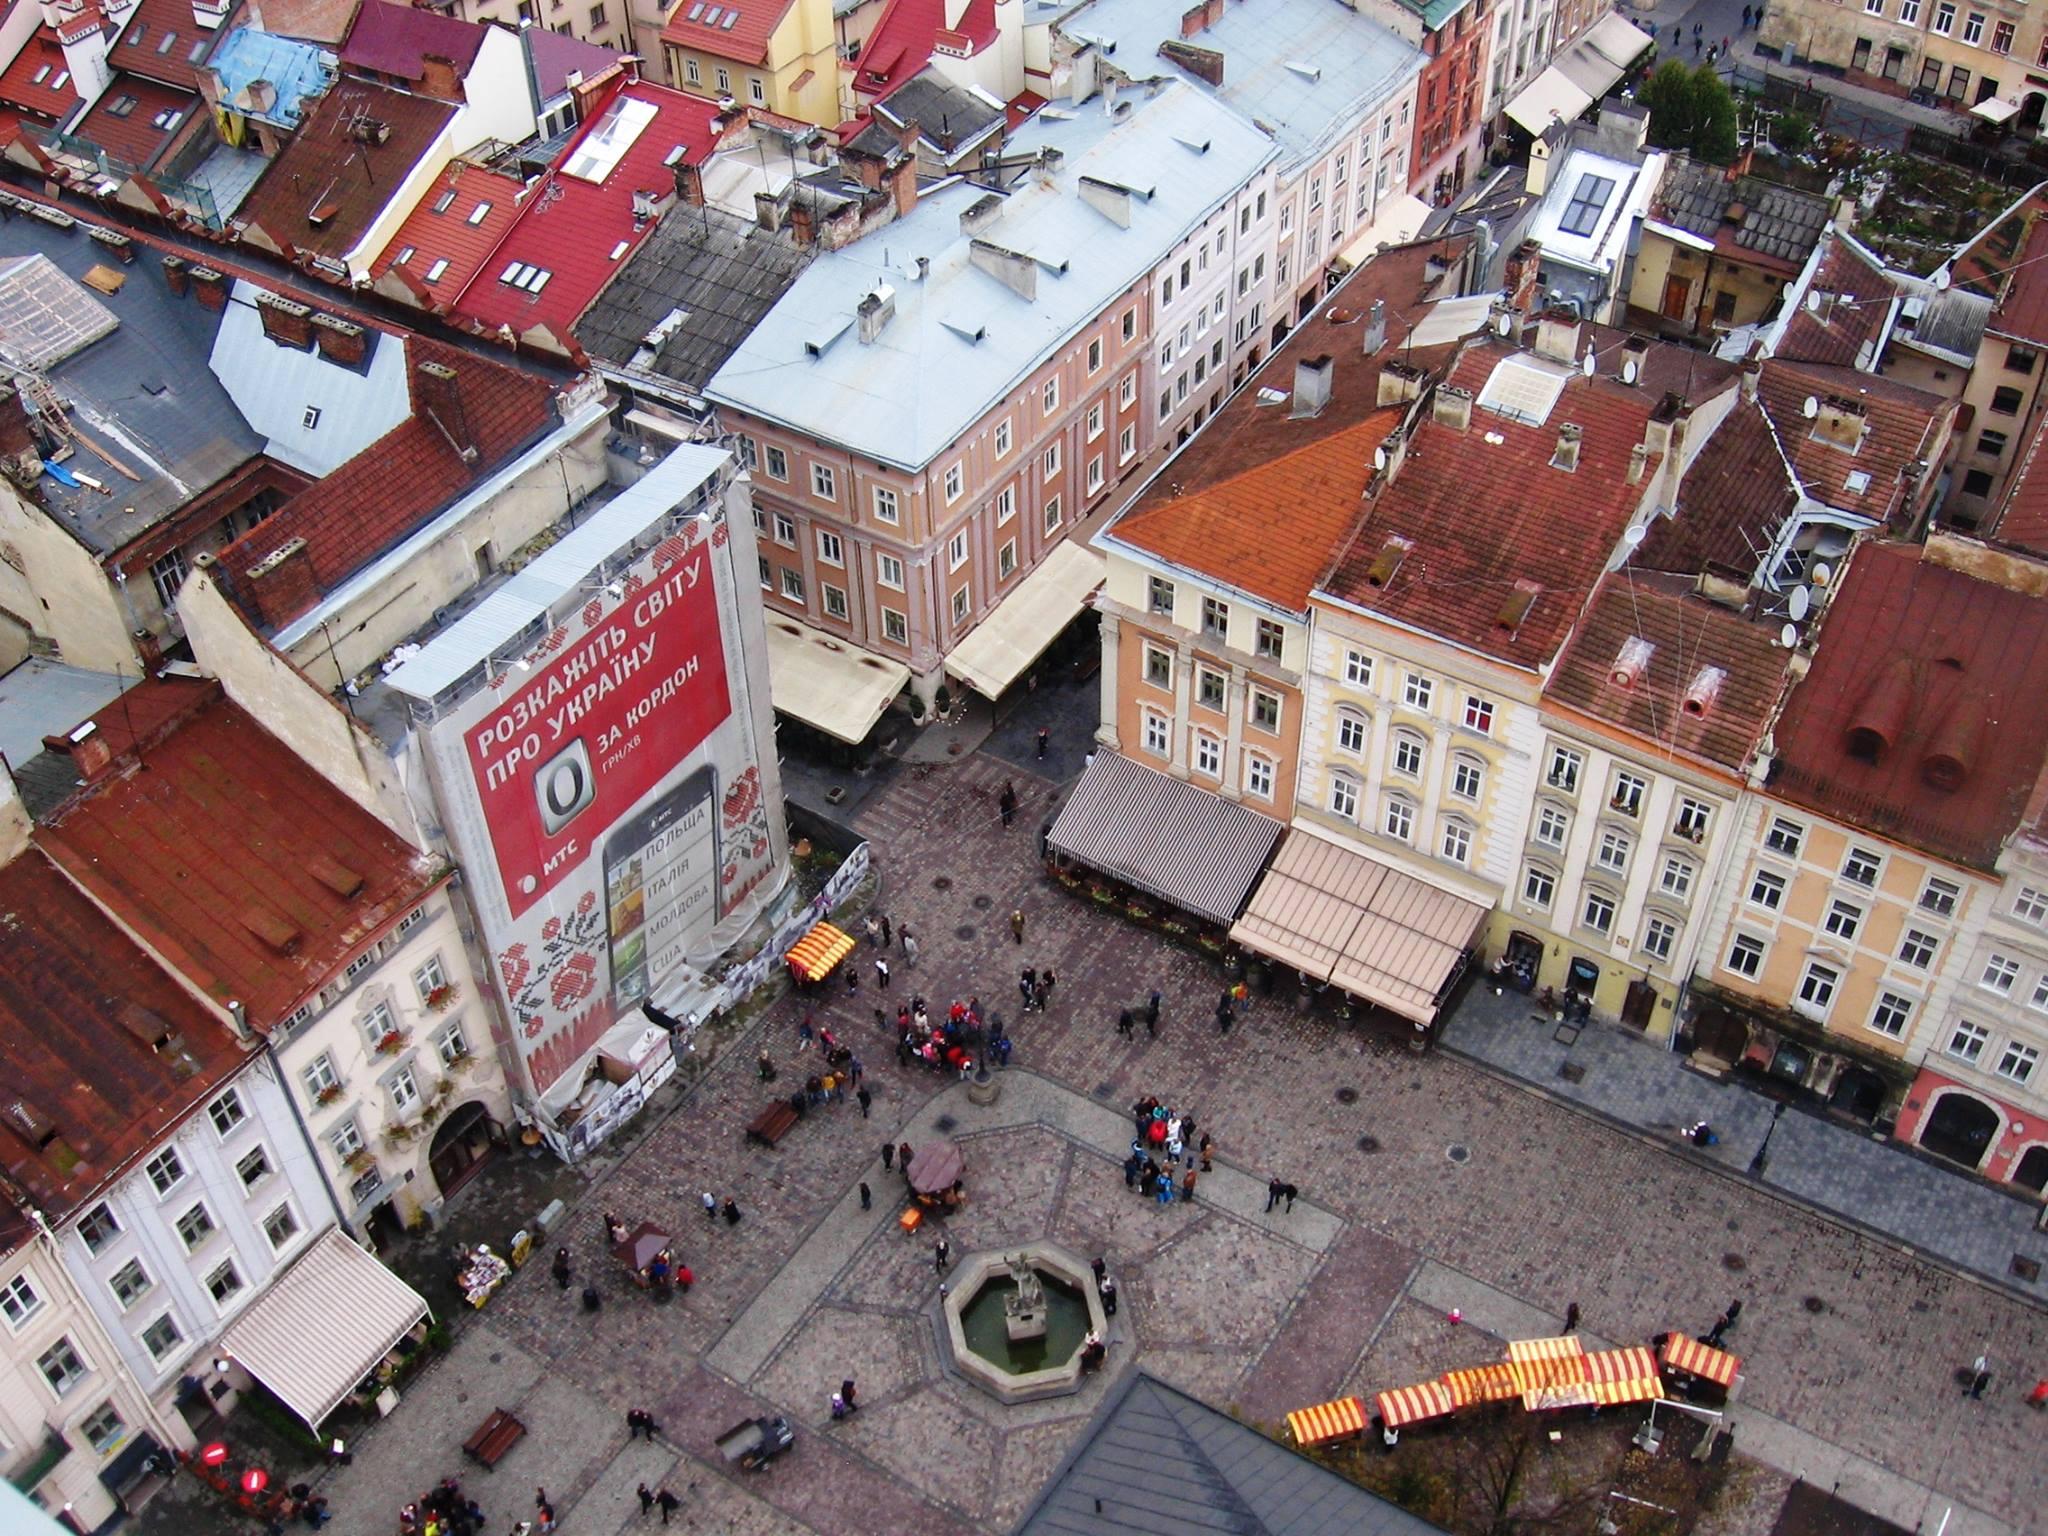 Стан і основні виклики культурної спадщини Львова та Умані: від експертних суджень до запитів населення міста